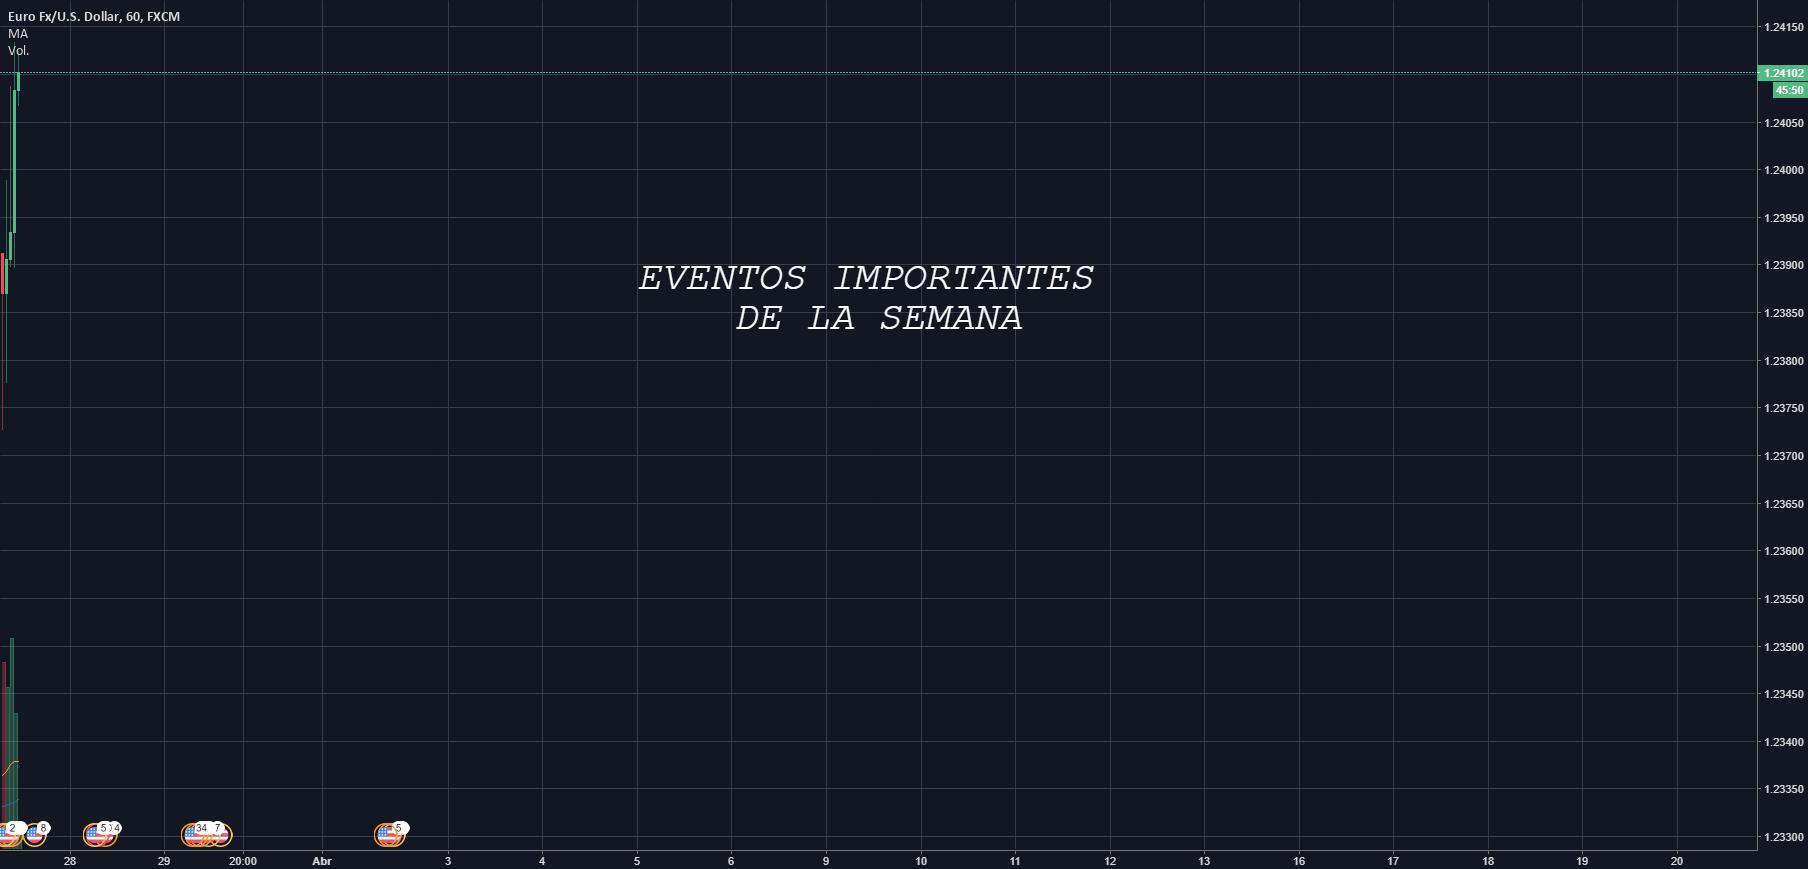 Eventos importantes de la semana (vol2)